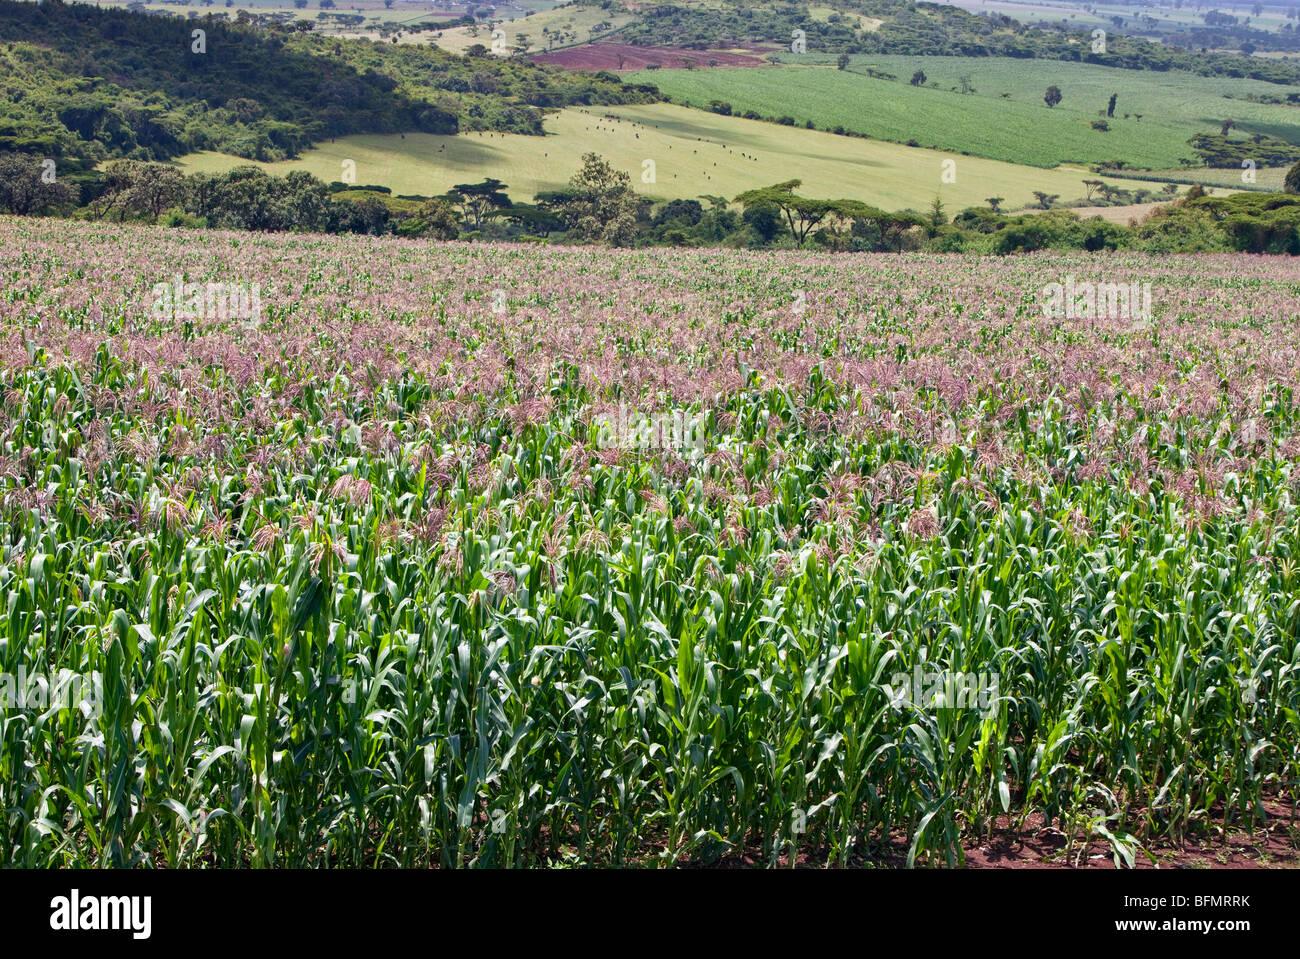 Au Kenya. Une bonne moisson de maïs blanc s'accroît à Endebess. Le maïs est l'aliment Photo Stock